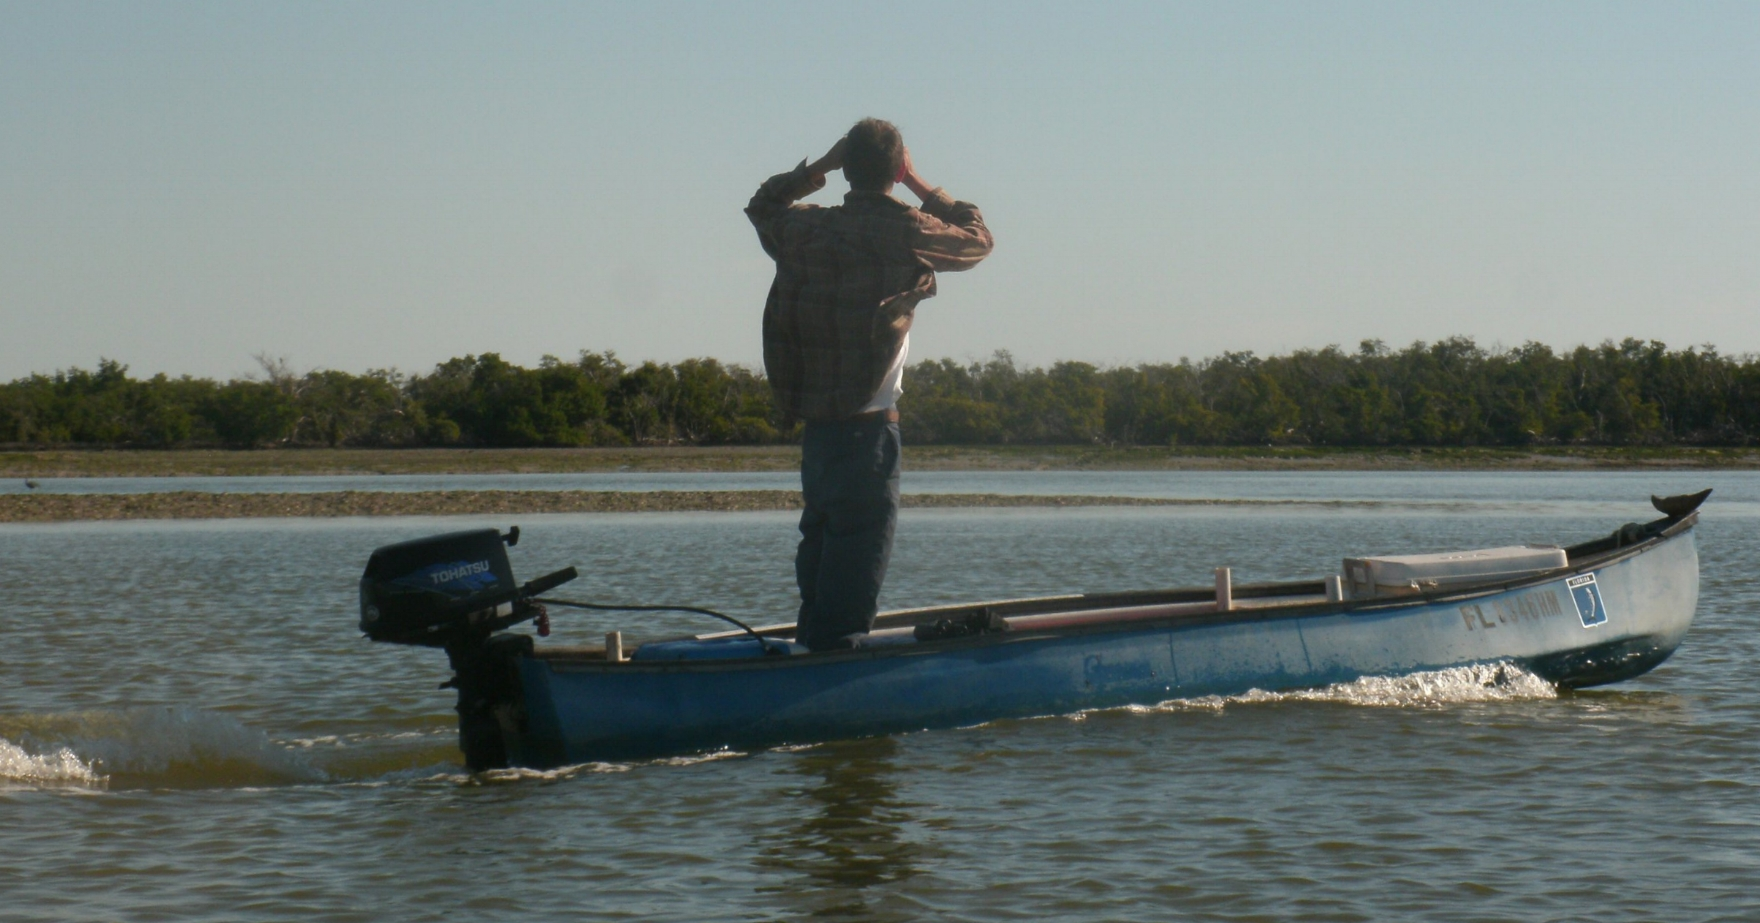 Jimi Sadle scanning the horizon for flamingoes in Lake Ingraham